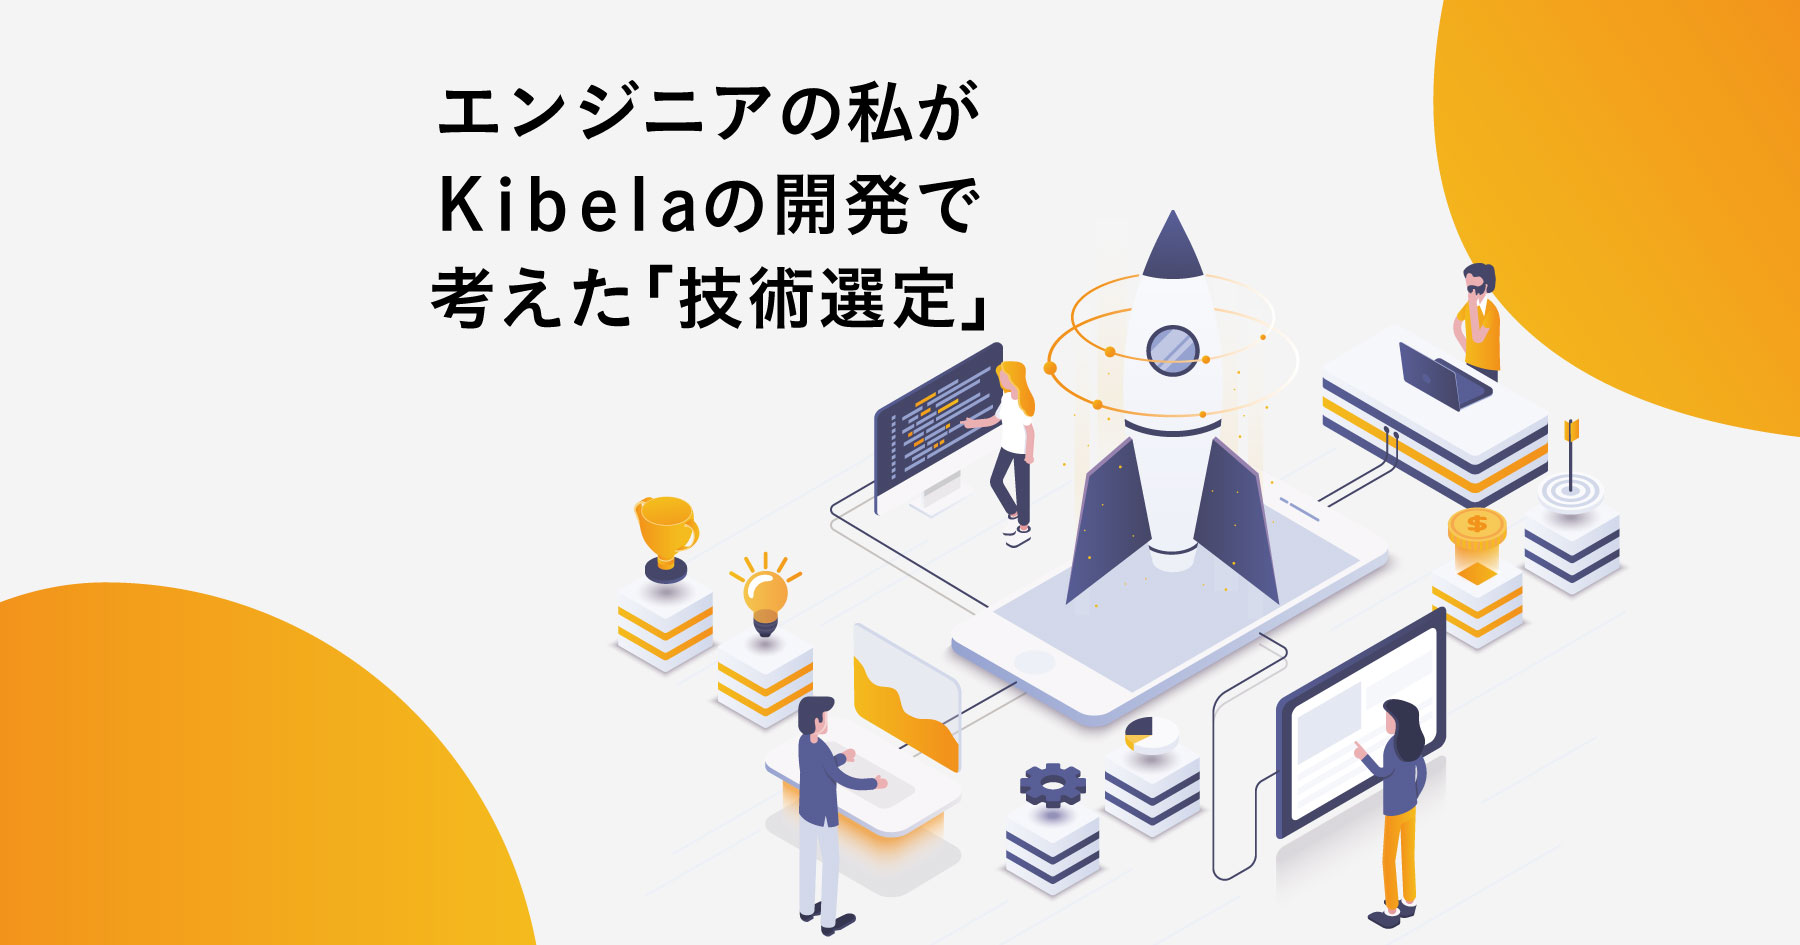 Kibela開発における技術選択の指針を全部教える。必要十分に新しい技術を維持するための考え方